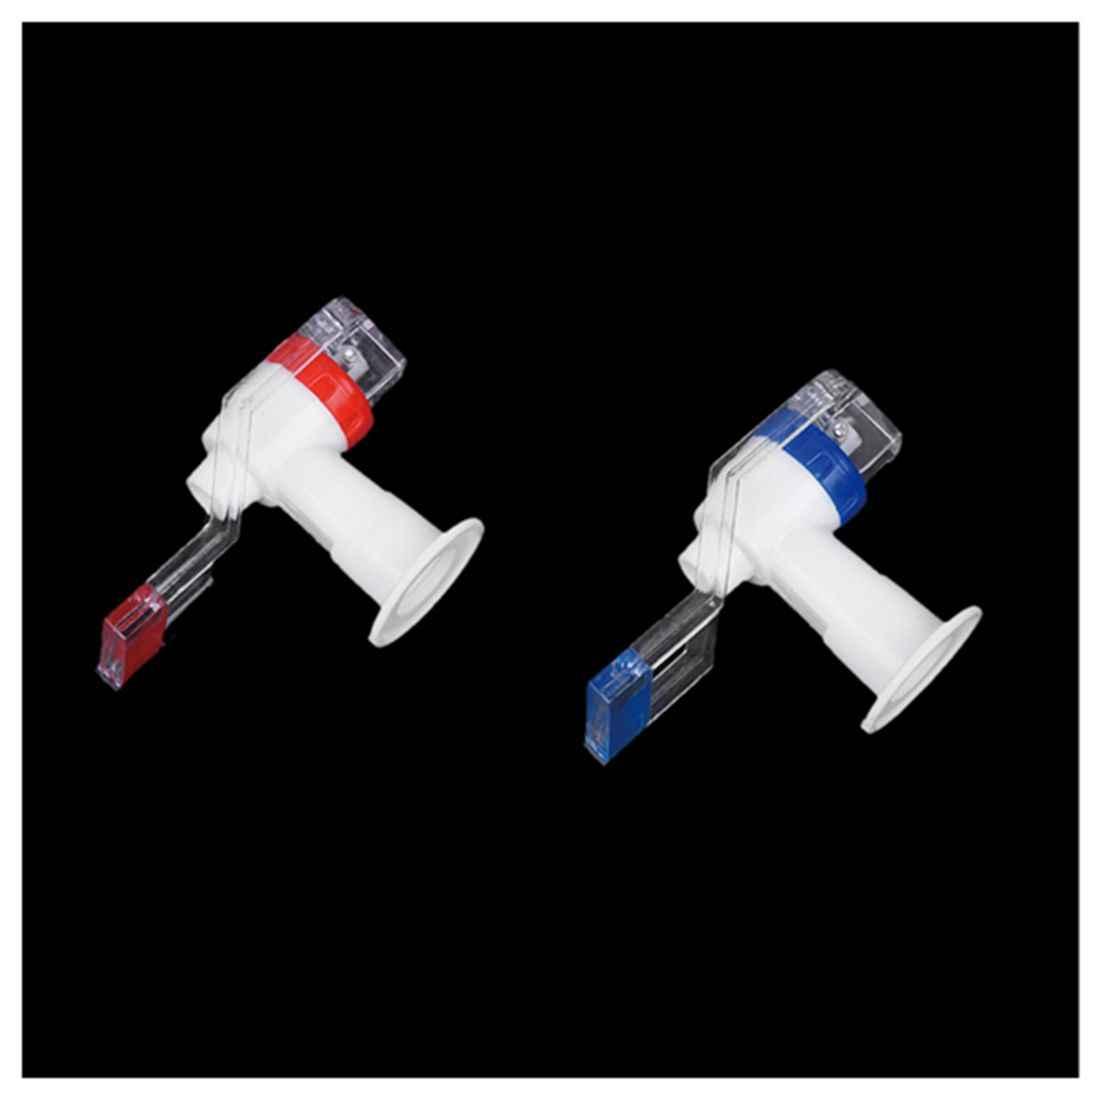 ホット! 新しい交換プッシュタップウォーターディスペンサープラスチックディスペンサー白、赤、青 (2 個)